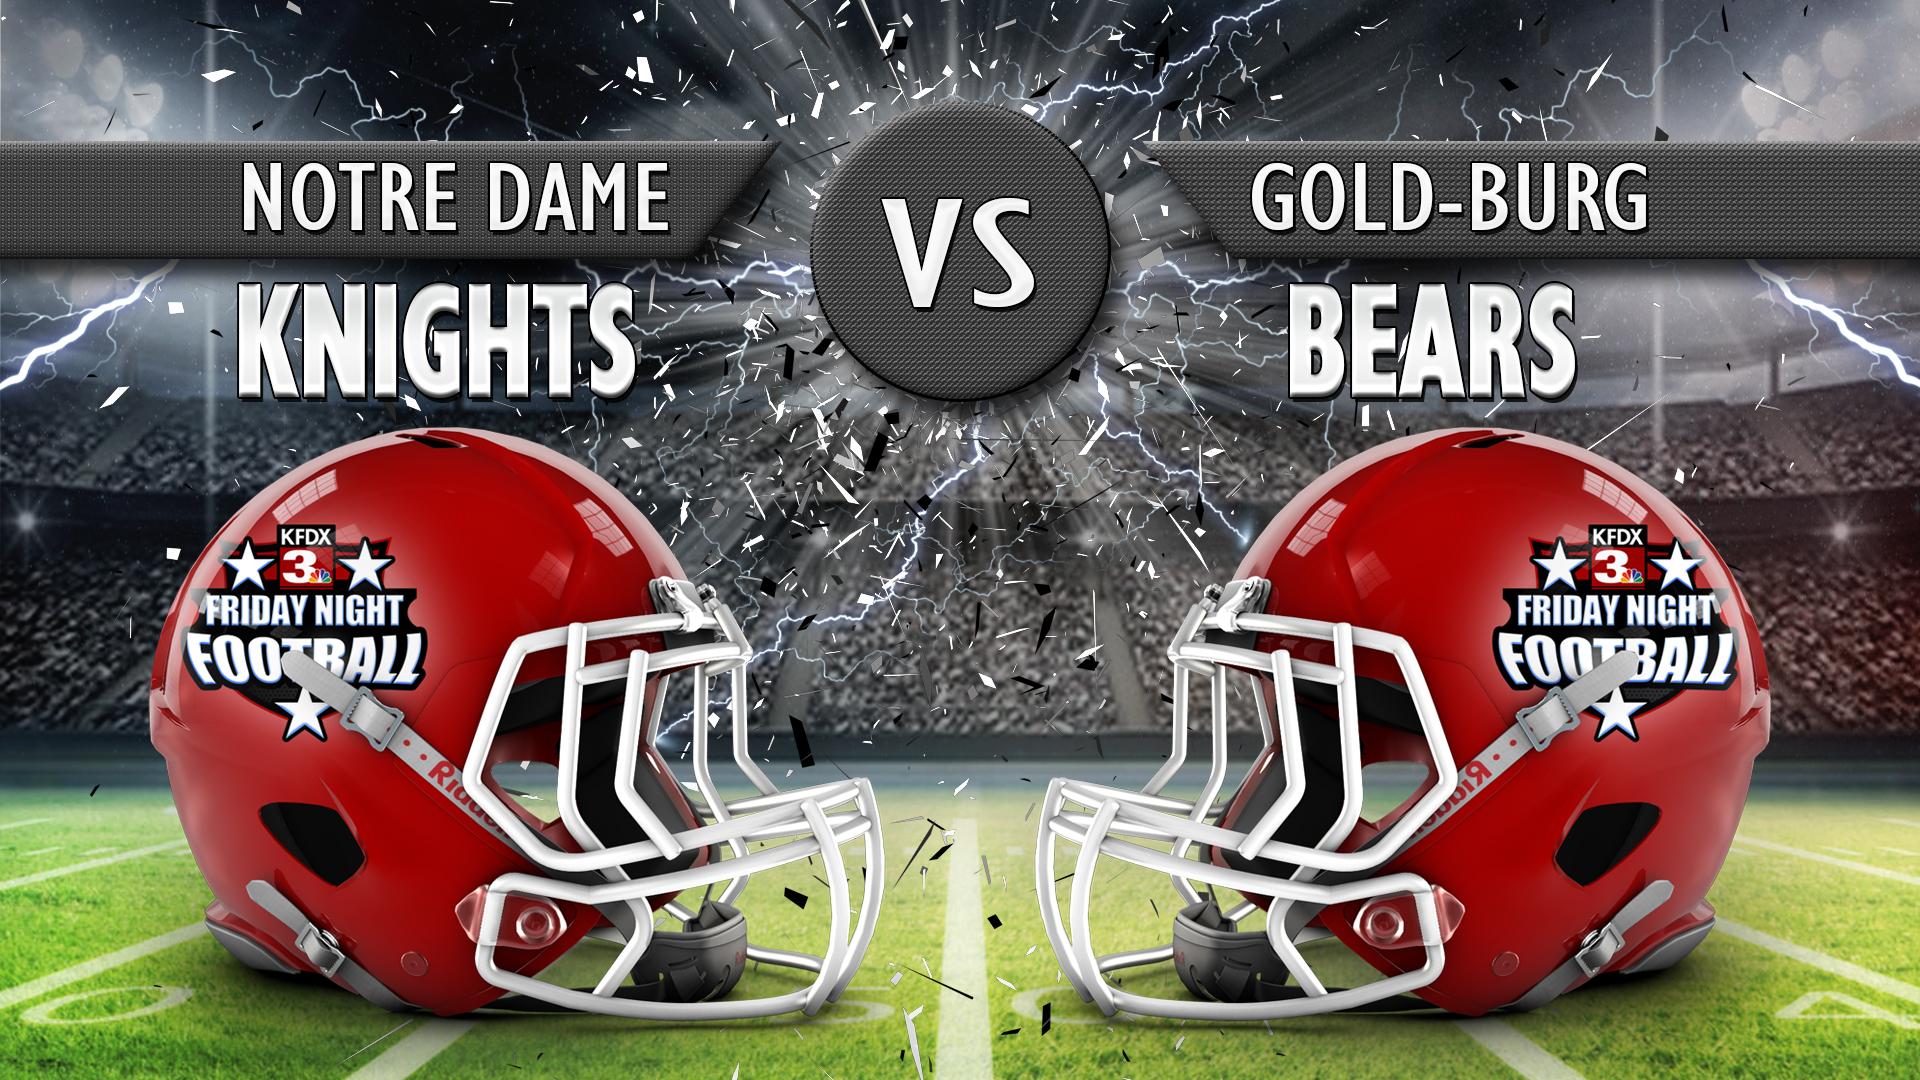 NOTRE DAME VS GOLD-BURG_1535738992328.jpg.jpg